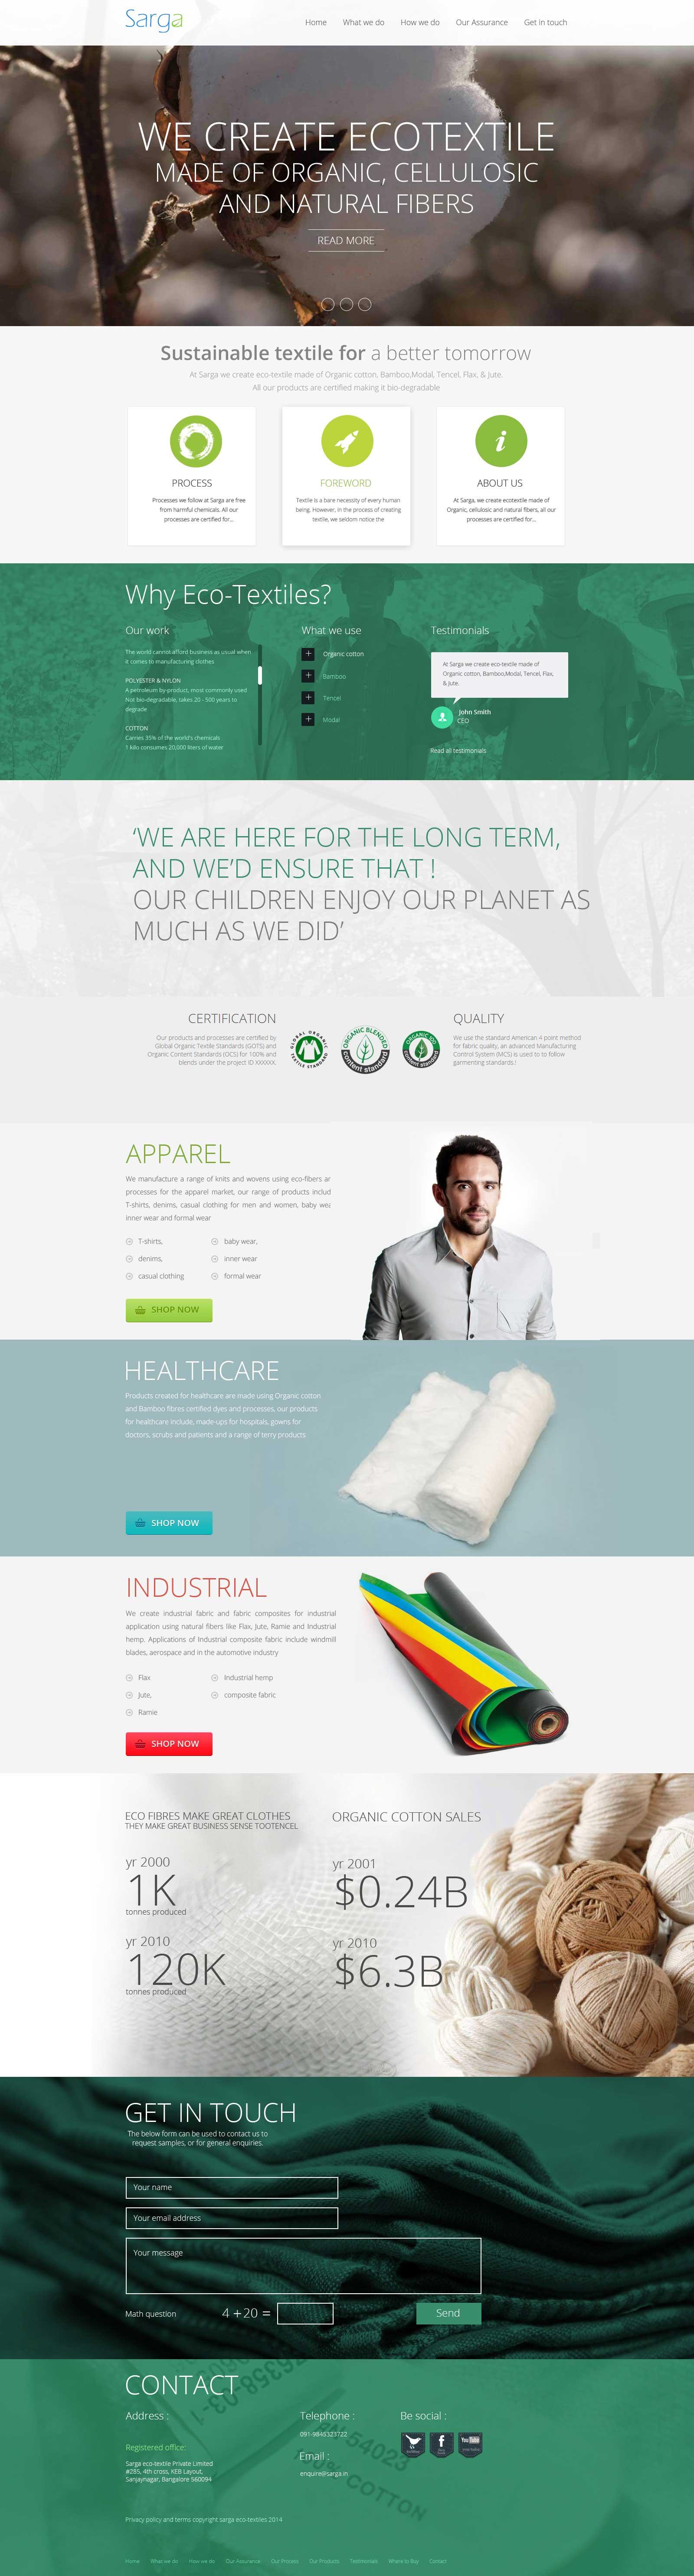 Sarga Ecotextile designed by Acodez